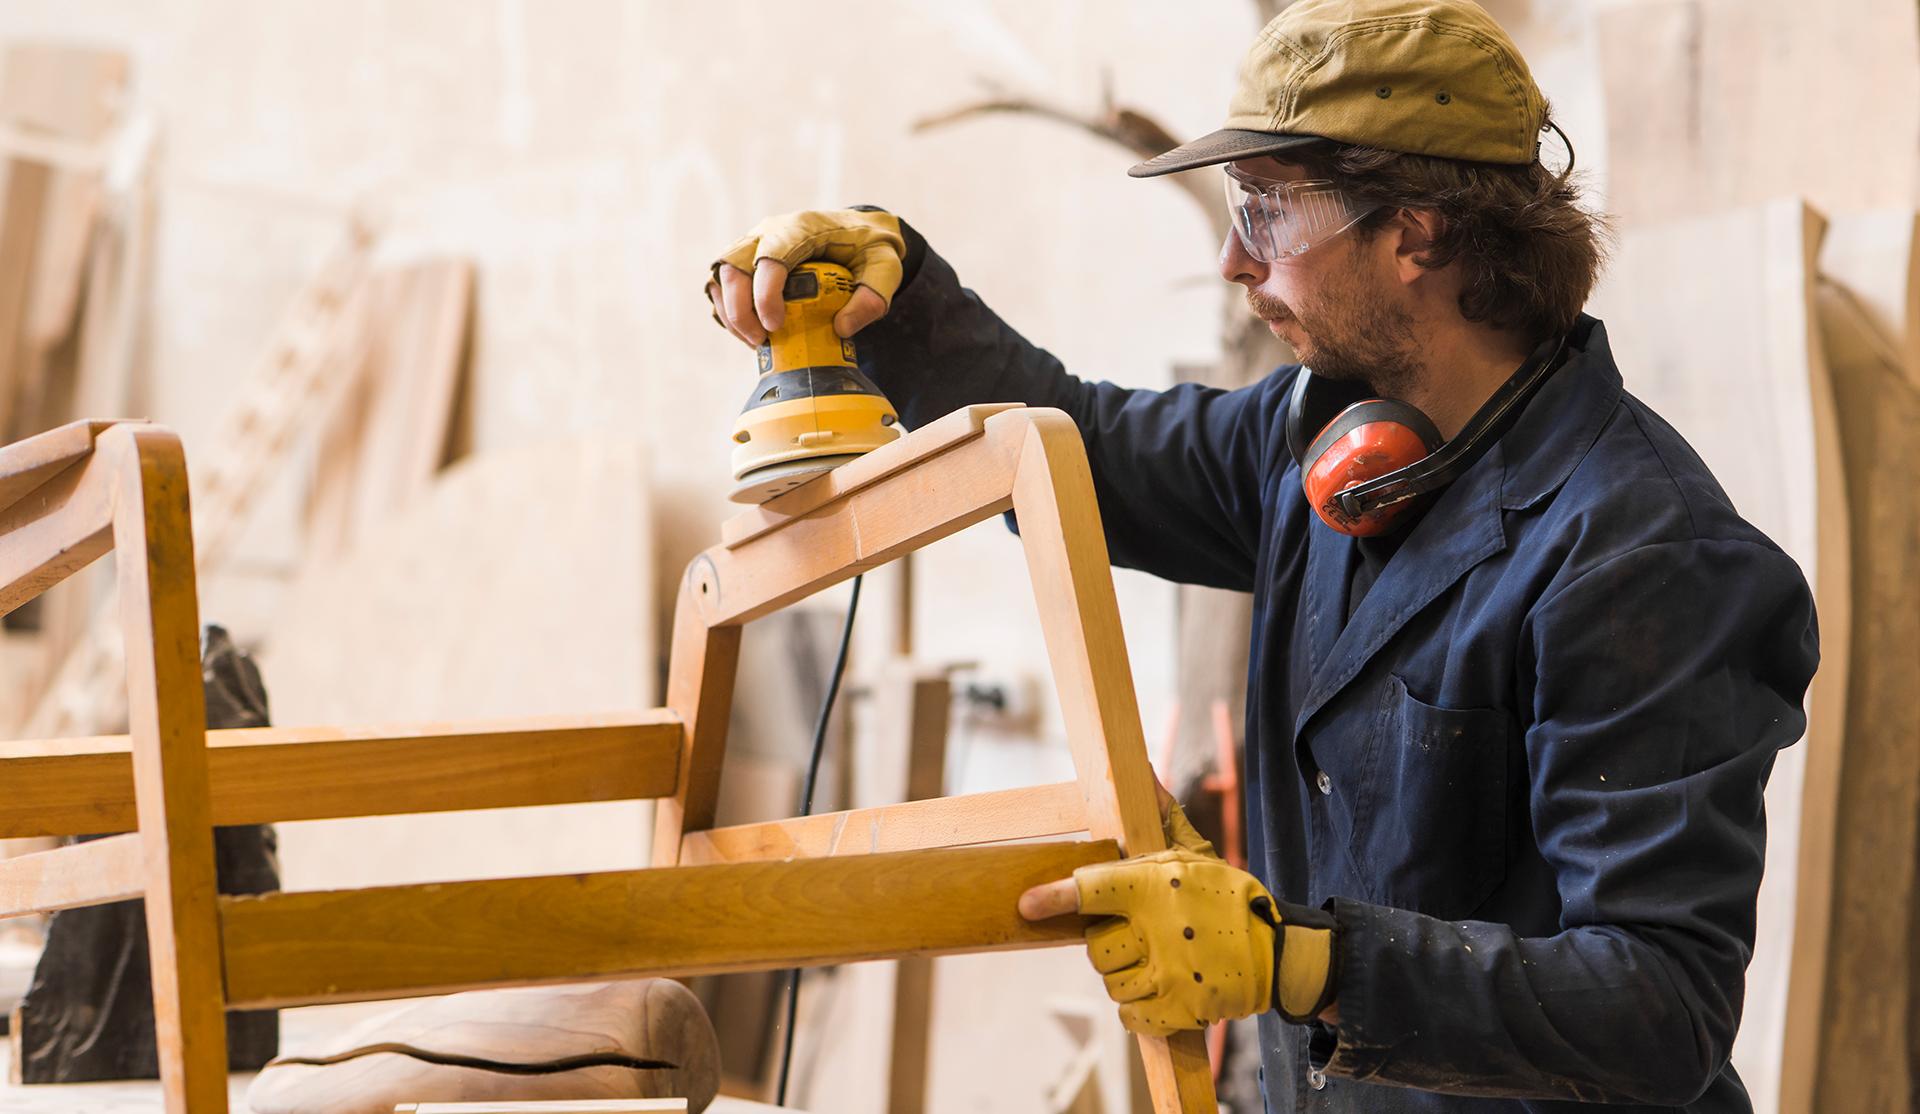 hombre carpintero lijando madera